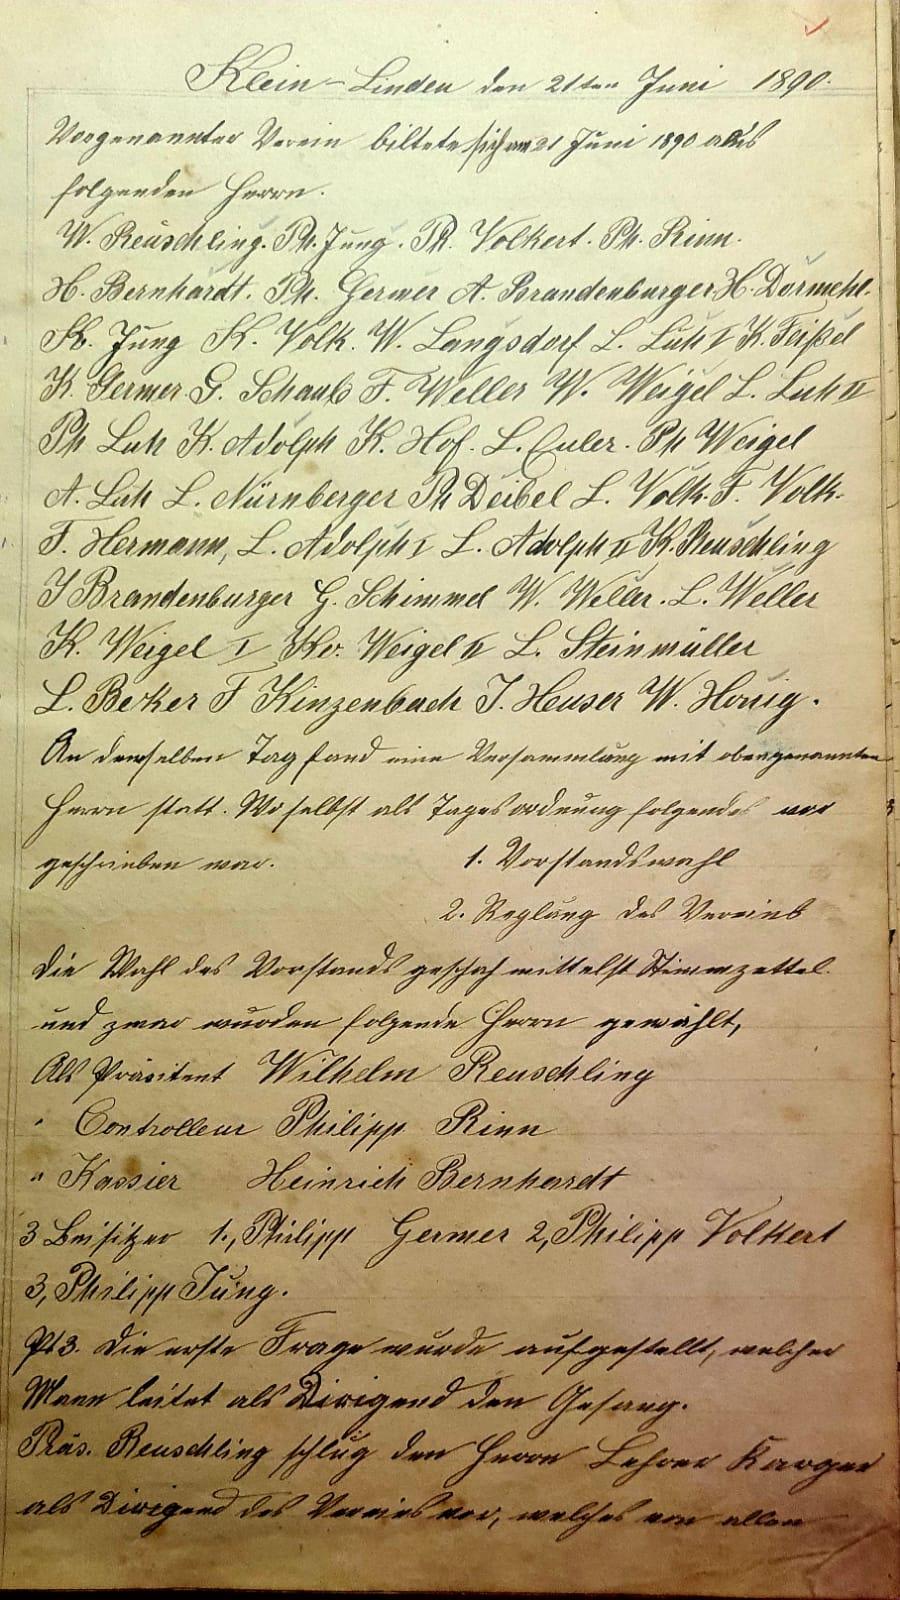 unsere Gründungsurkunde vom 21. Juni 1890